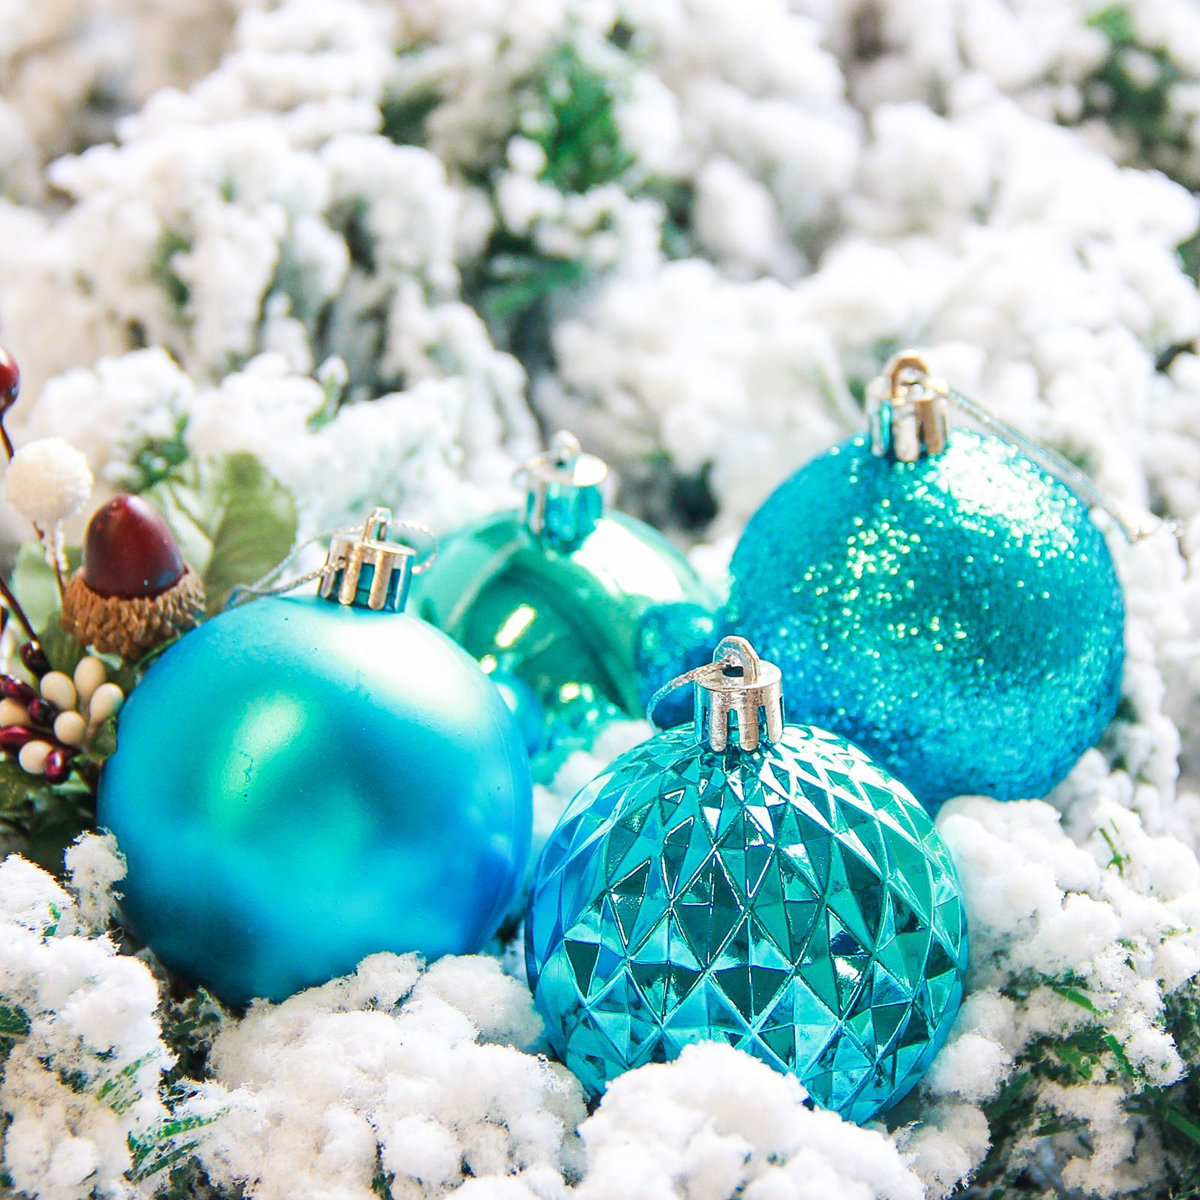 Набор новогодних подвесных украшений Sima-land Нобиле, цвет: голубой, диаметр 6 см, 21 шт2178257Невозможно представить нашу жизнь без праздников! Мы всегда ждём их и предвкушаем, обдумываем, как проведём памятный день, тщательно выбираем подарки и аксессуары, ведь именно они создают и поддерживают торжественный настрой.